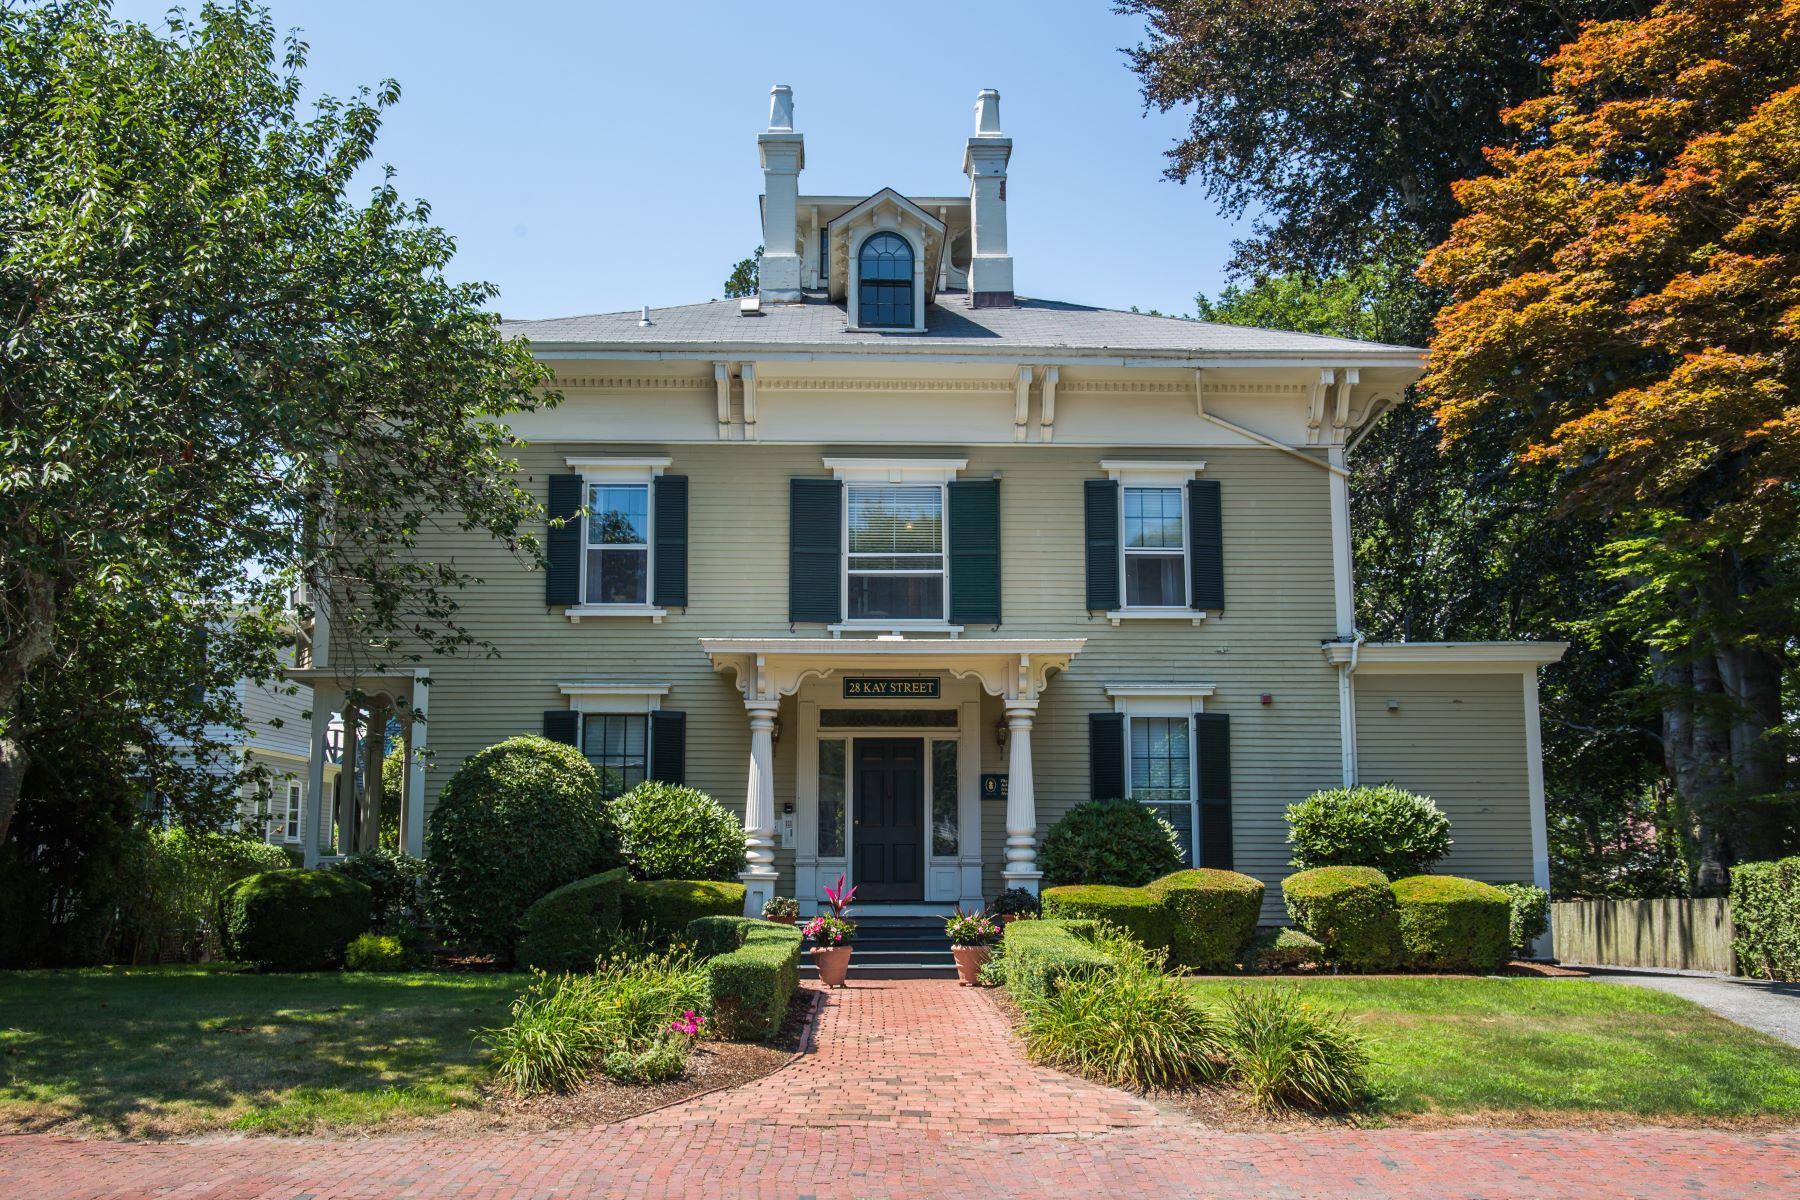 Condominiums 为 销售 在 The John Irish House 28 Kay Street, Unit #5 纽波特, 罗得岛 02840 美国